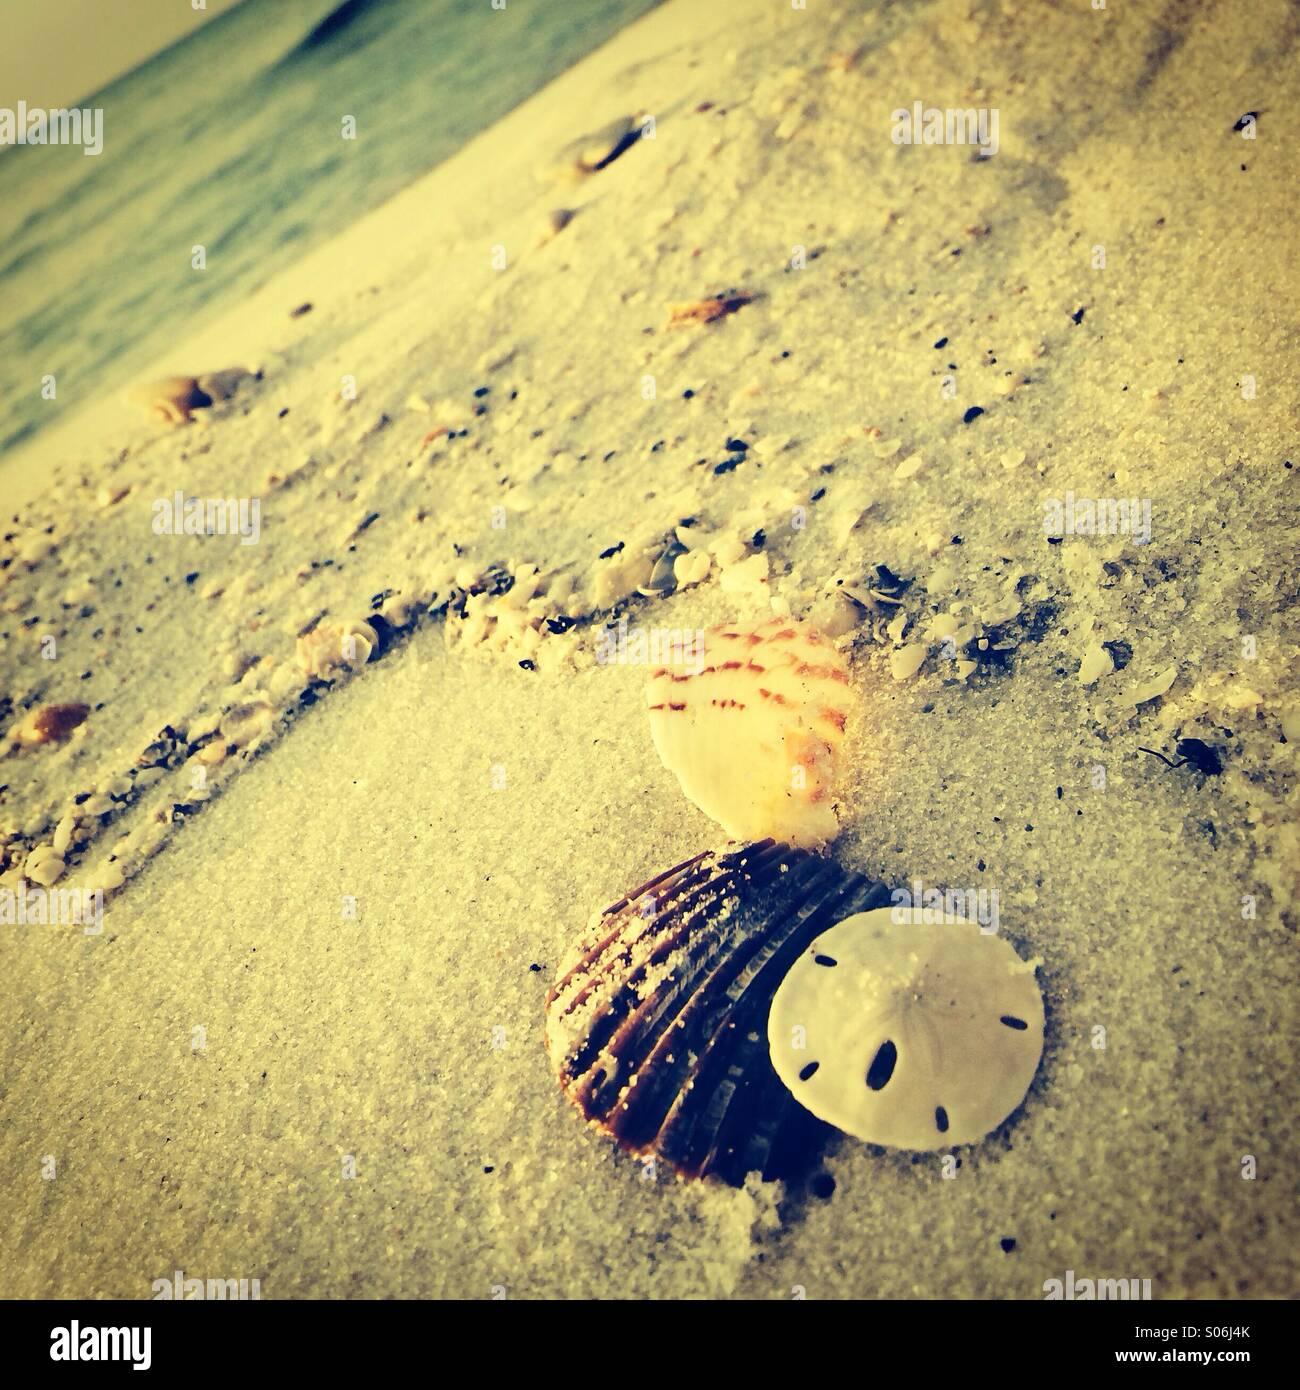 Conchas de la playa Imagen De Stock